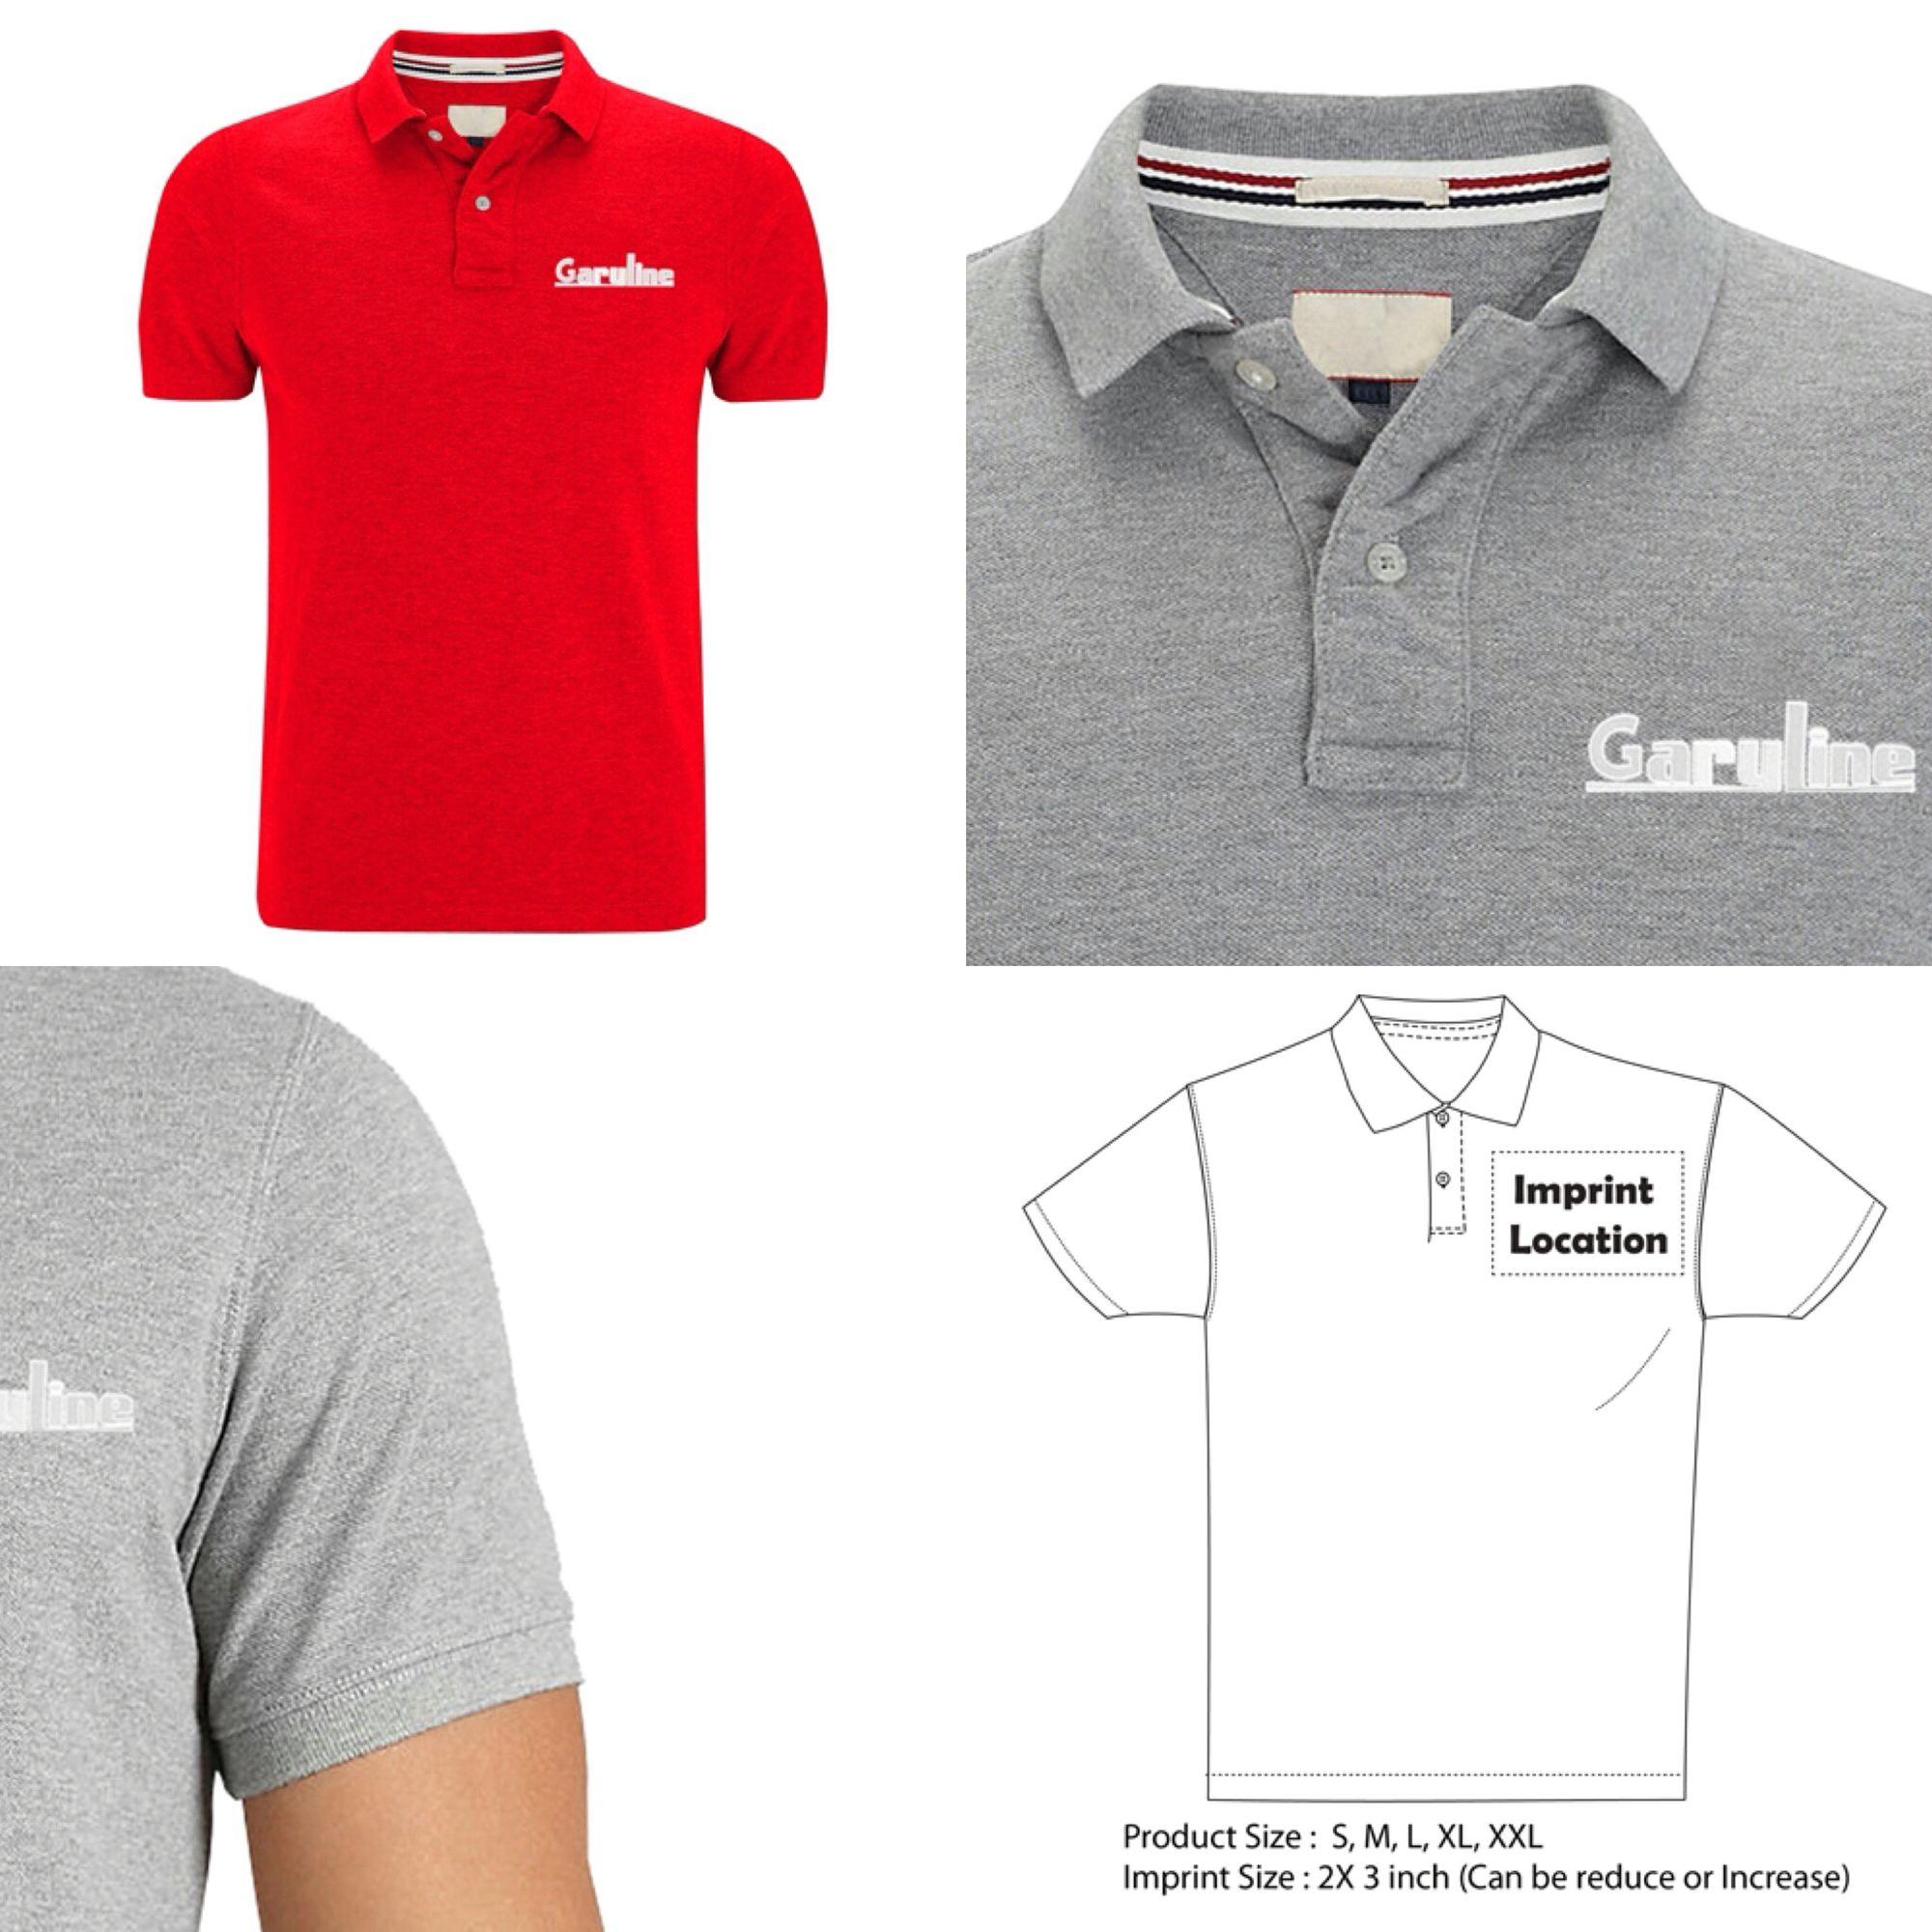 هدية اعلانية تساعدك في اعلان اسم شركتك على اكبر عدد من الجمهور تيشرت قطن بولو طباعة الشعار مجانا Mens Tops Men S Polo Shirt Polo Shirt